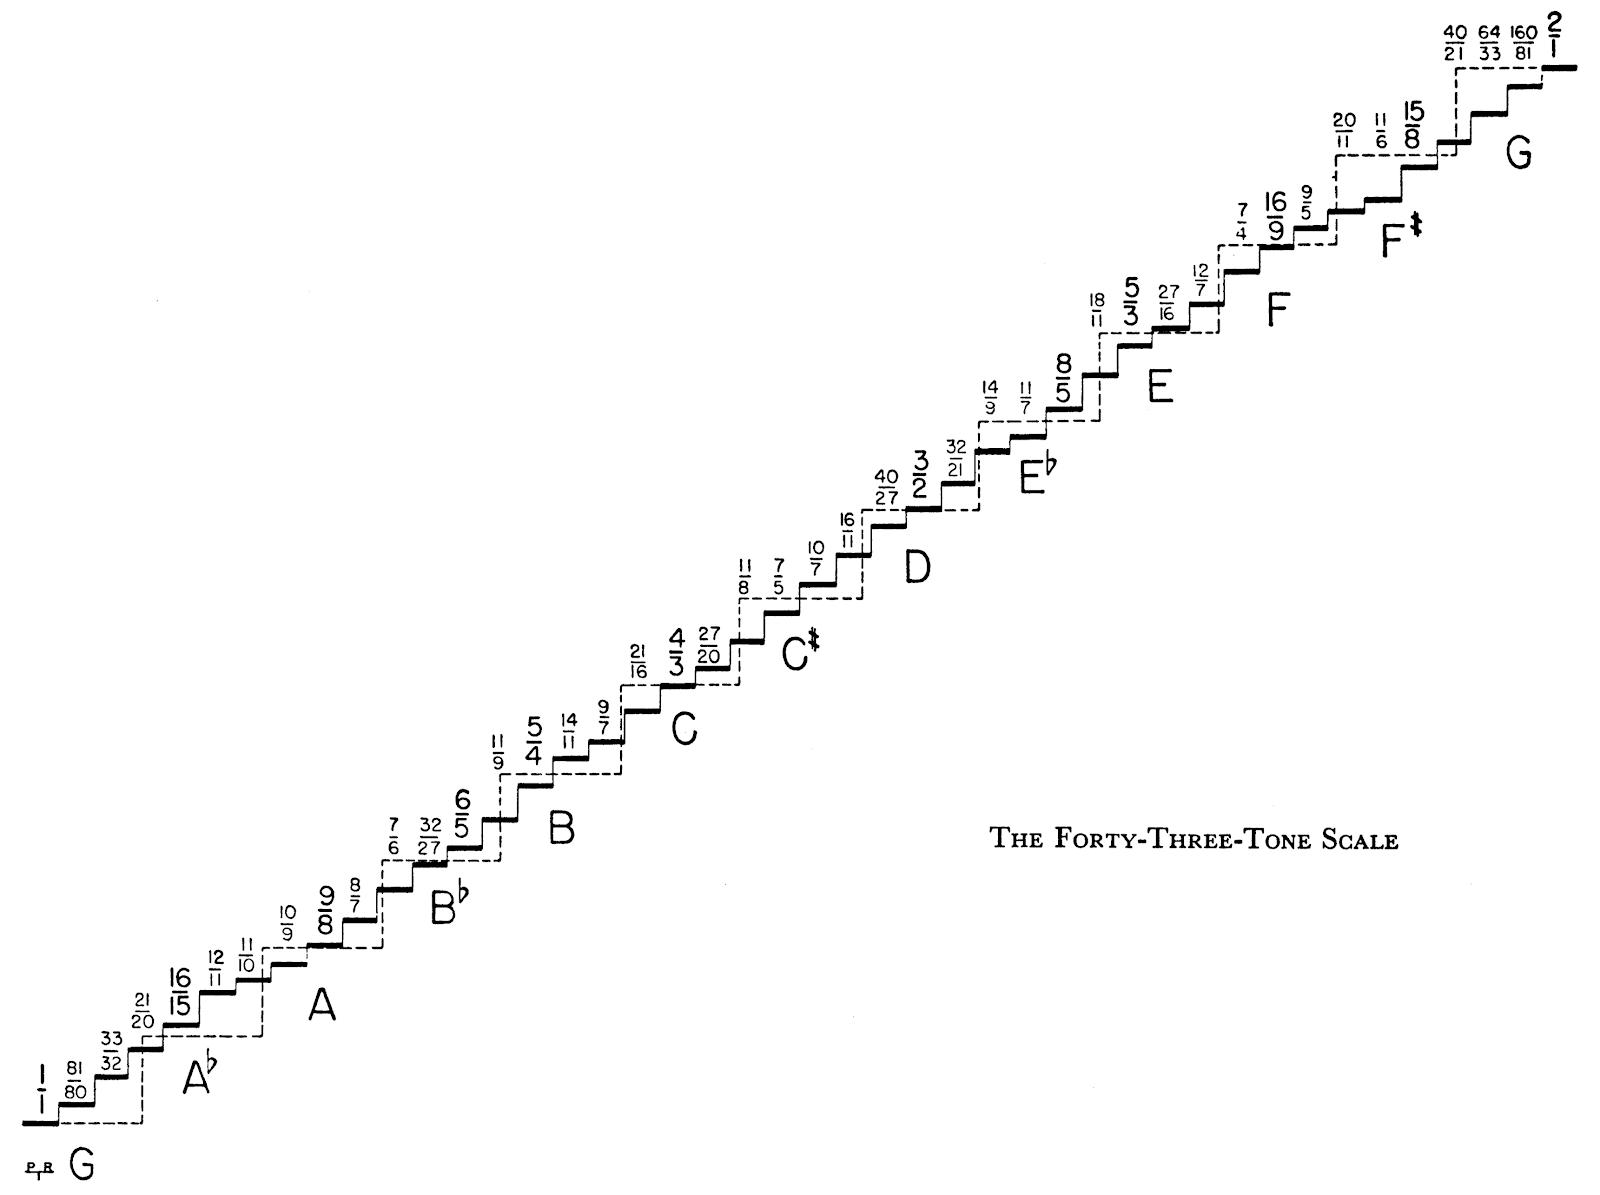 Partch Scale.tif